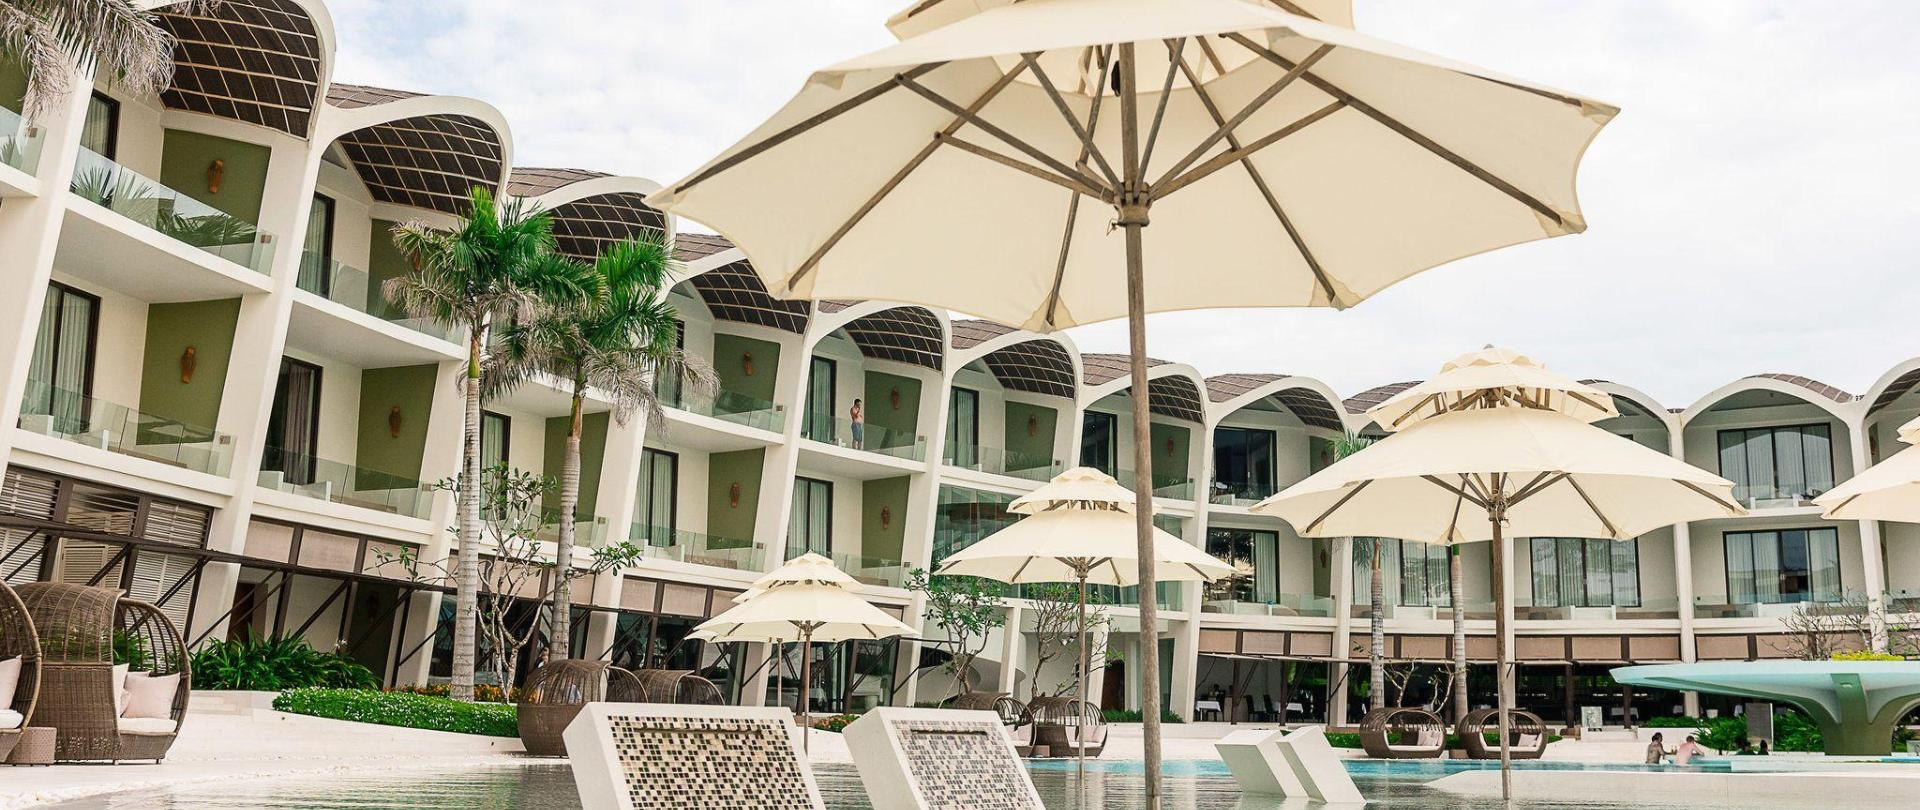 1-hotel-view-33.jpg